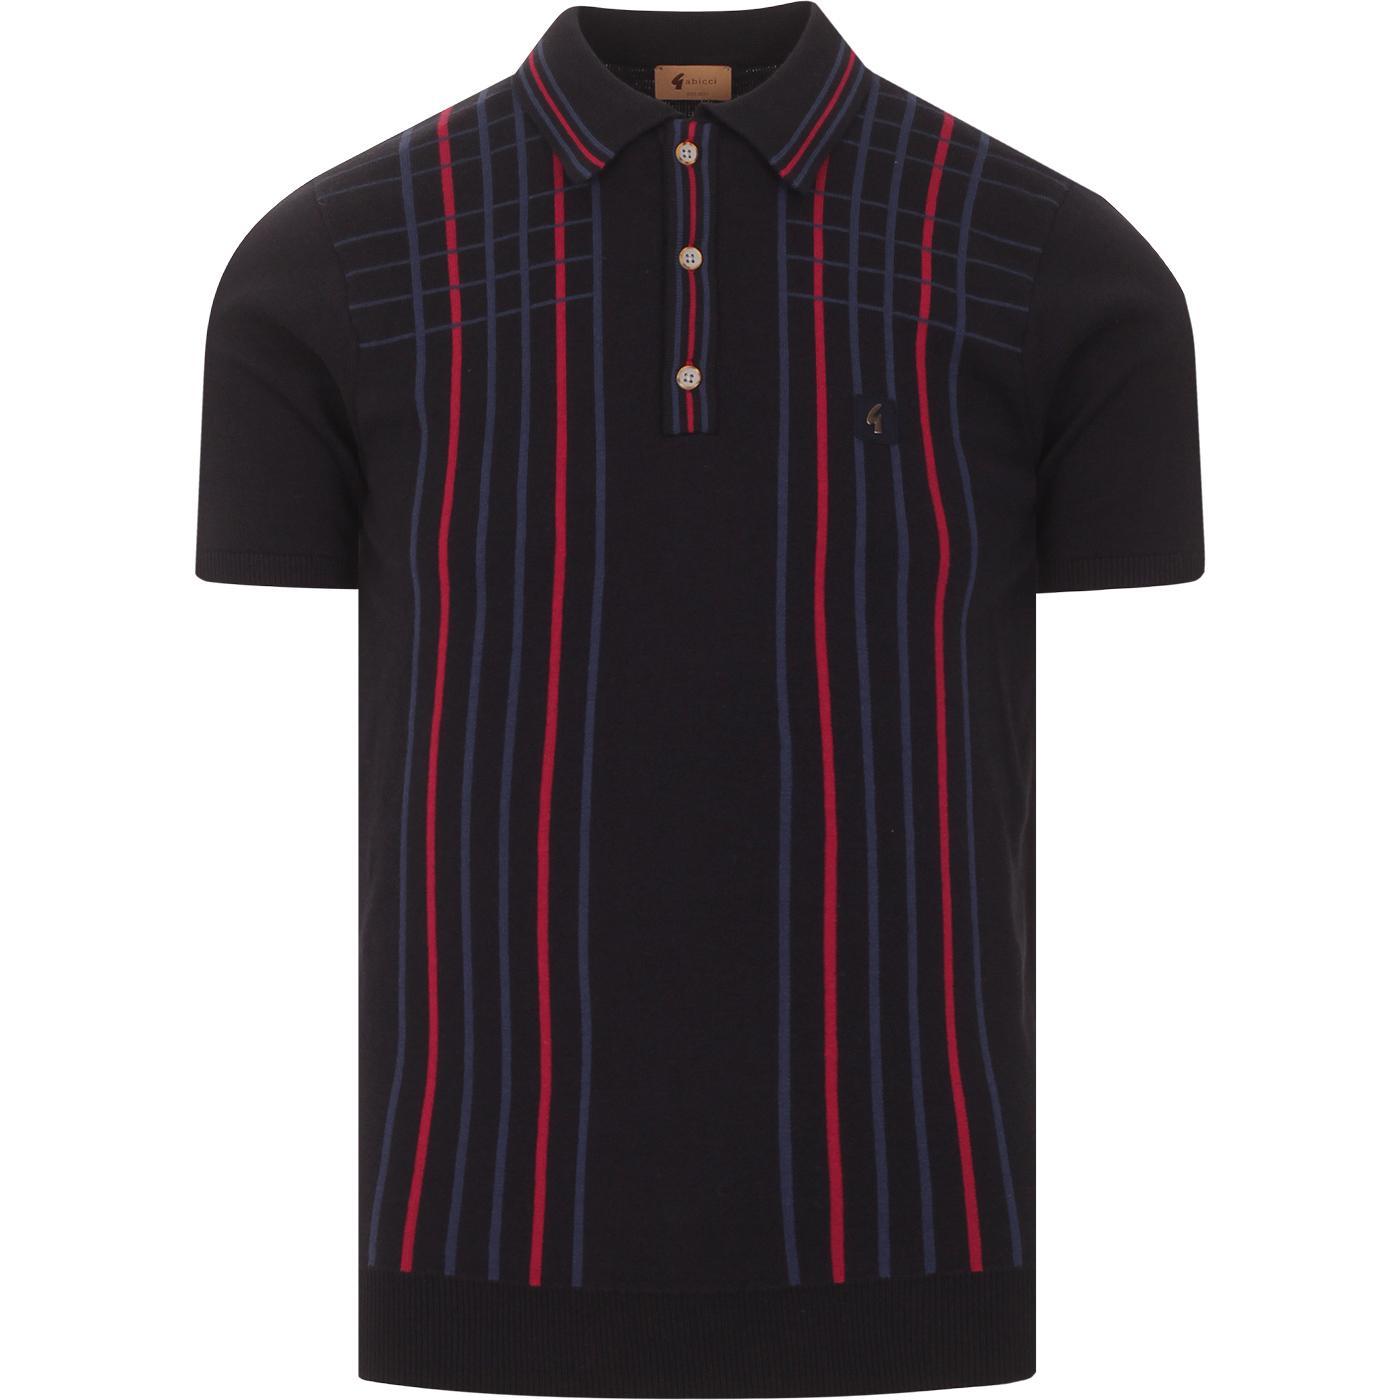 Bale GABICCI VINTAGE Check Stripe Knit Polo (Navy)